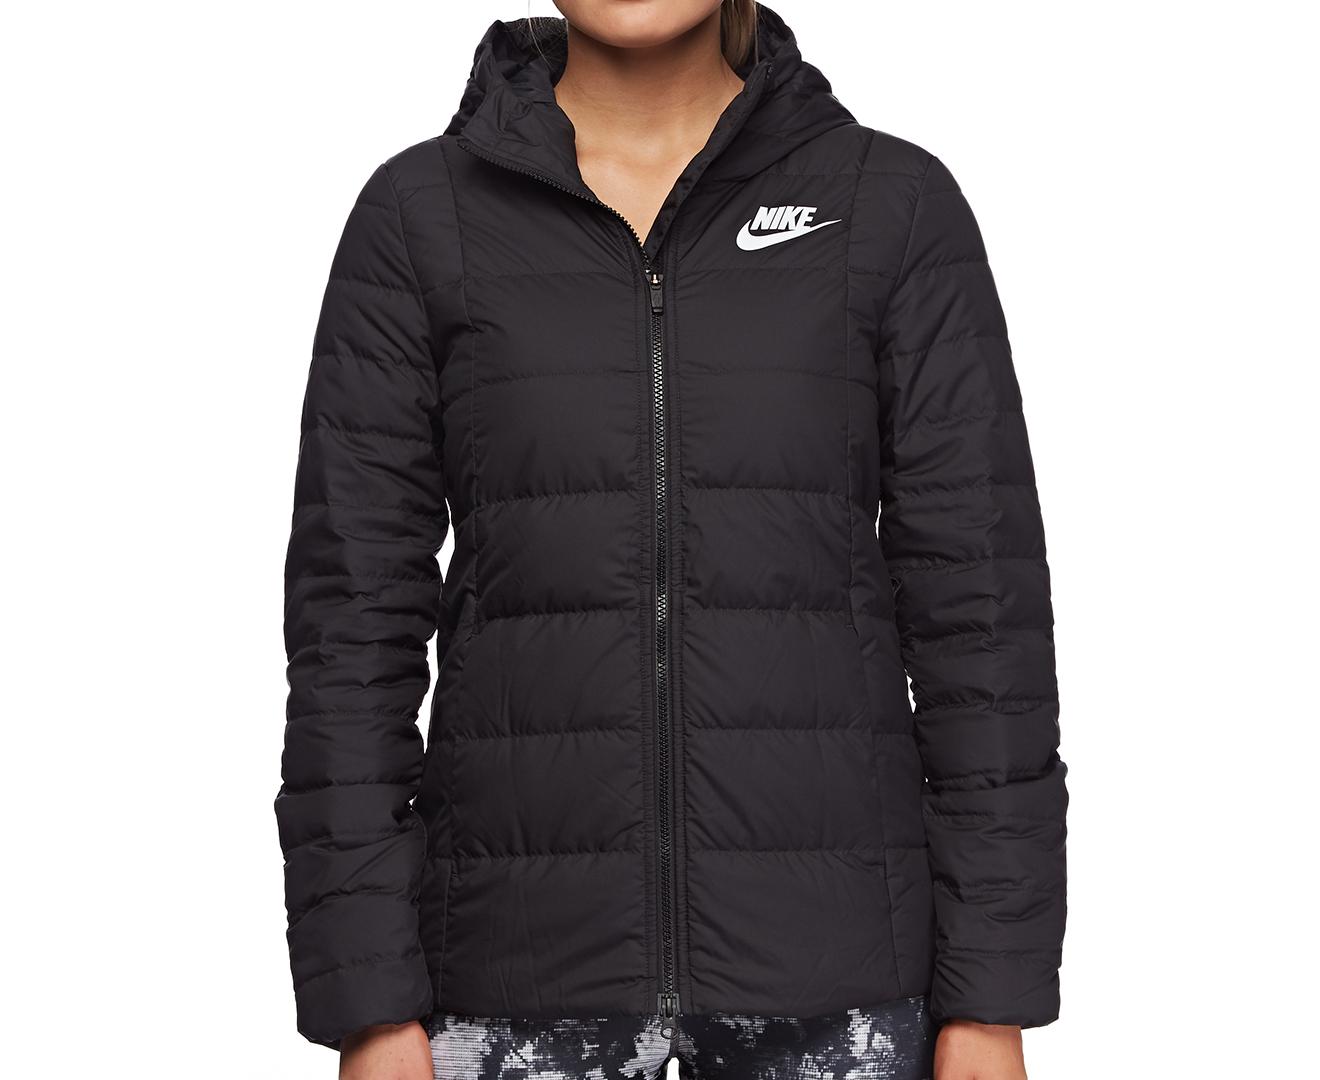 a2354c41913b Nike Women s Sportswear Down Fill Hooded Jacket - Black